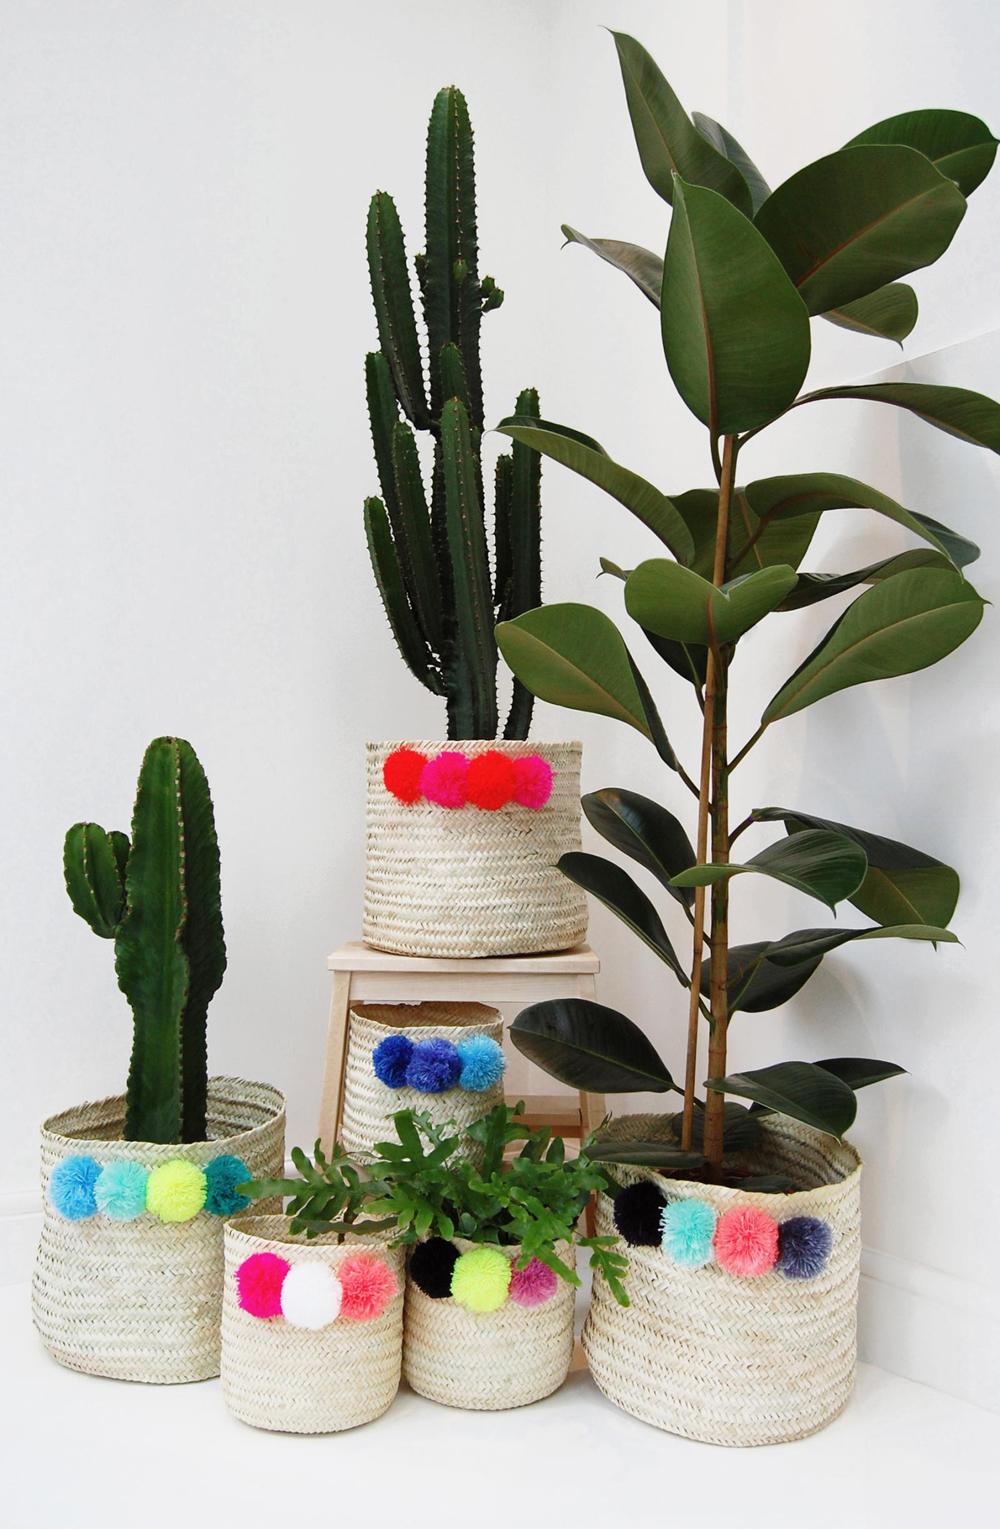 Yonder_living_pompom_plantpot_baskets